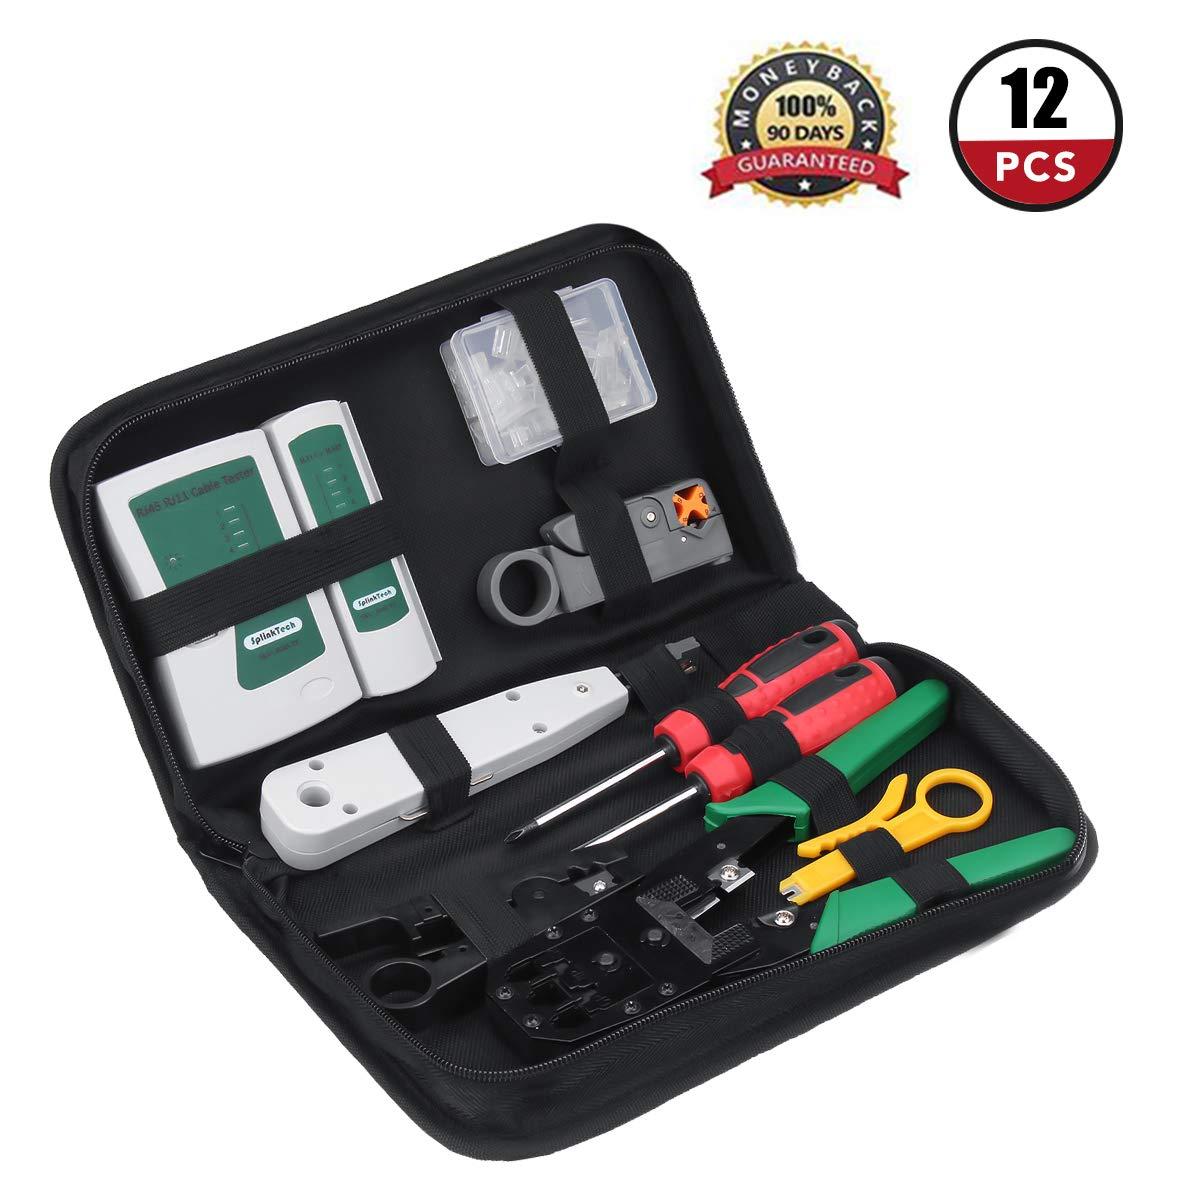 18pcs Professionnelle Maintenance Network Tools, GOCHANGE Kit de Réparation pour Câble (noir) Portable Outil Réparation